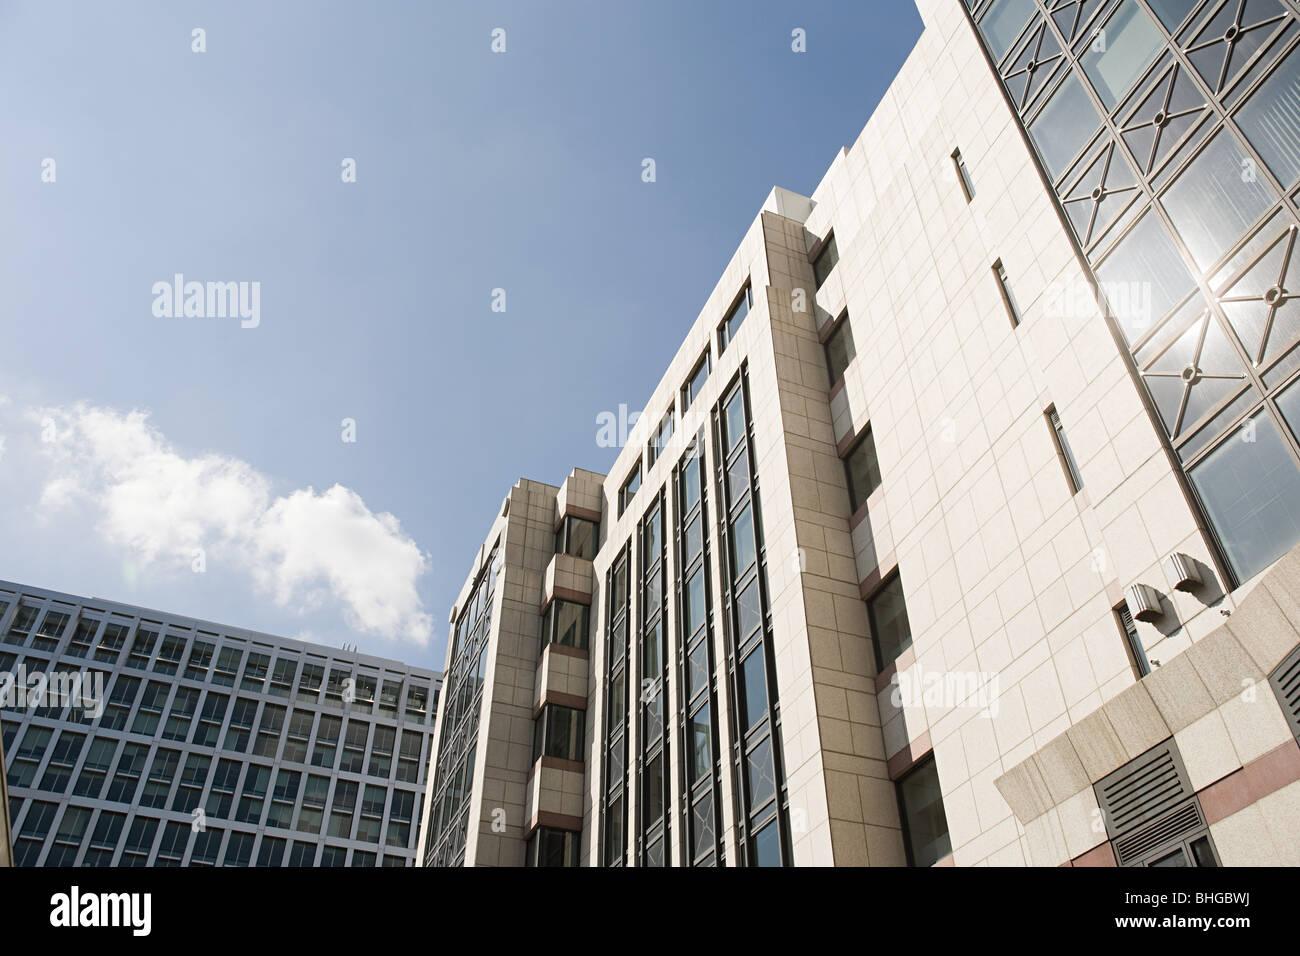 Ángulo de visión baja de edificios de oficinas Imagen De Stock